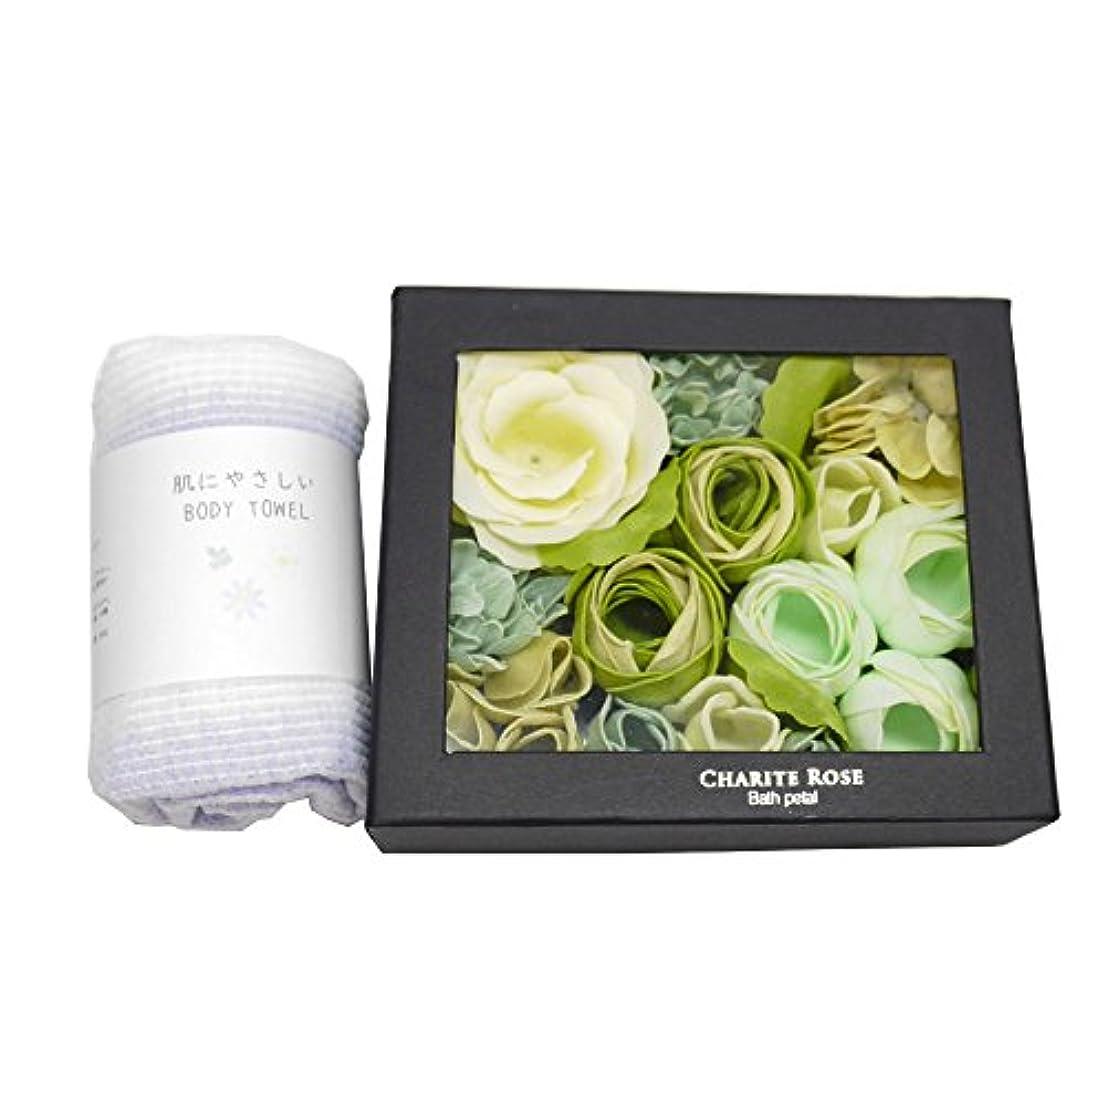 ローズ バスペタル タイディローズ グリーン 緑 ボディタオル セット/バラ お花 入浴剤 母の日 お祝い 記念日 贈り物 プレゼント